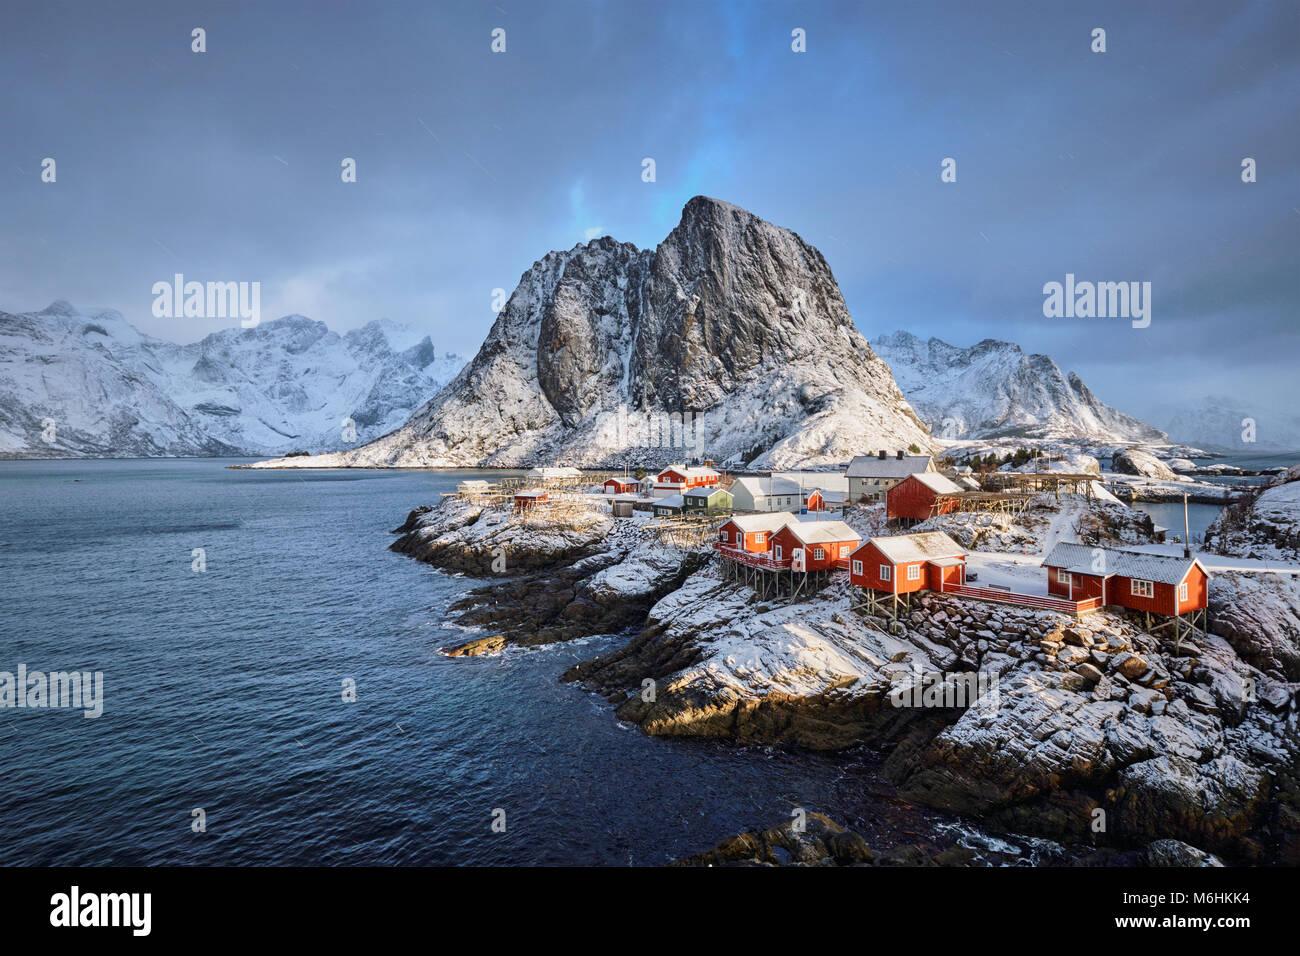 Fischerdorf auf Hamnoy Lofoten Inseln, Norwegen Stockbild